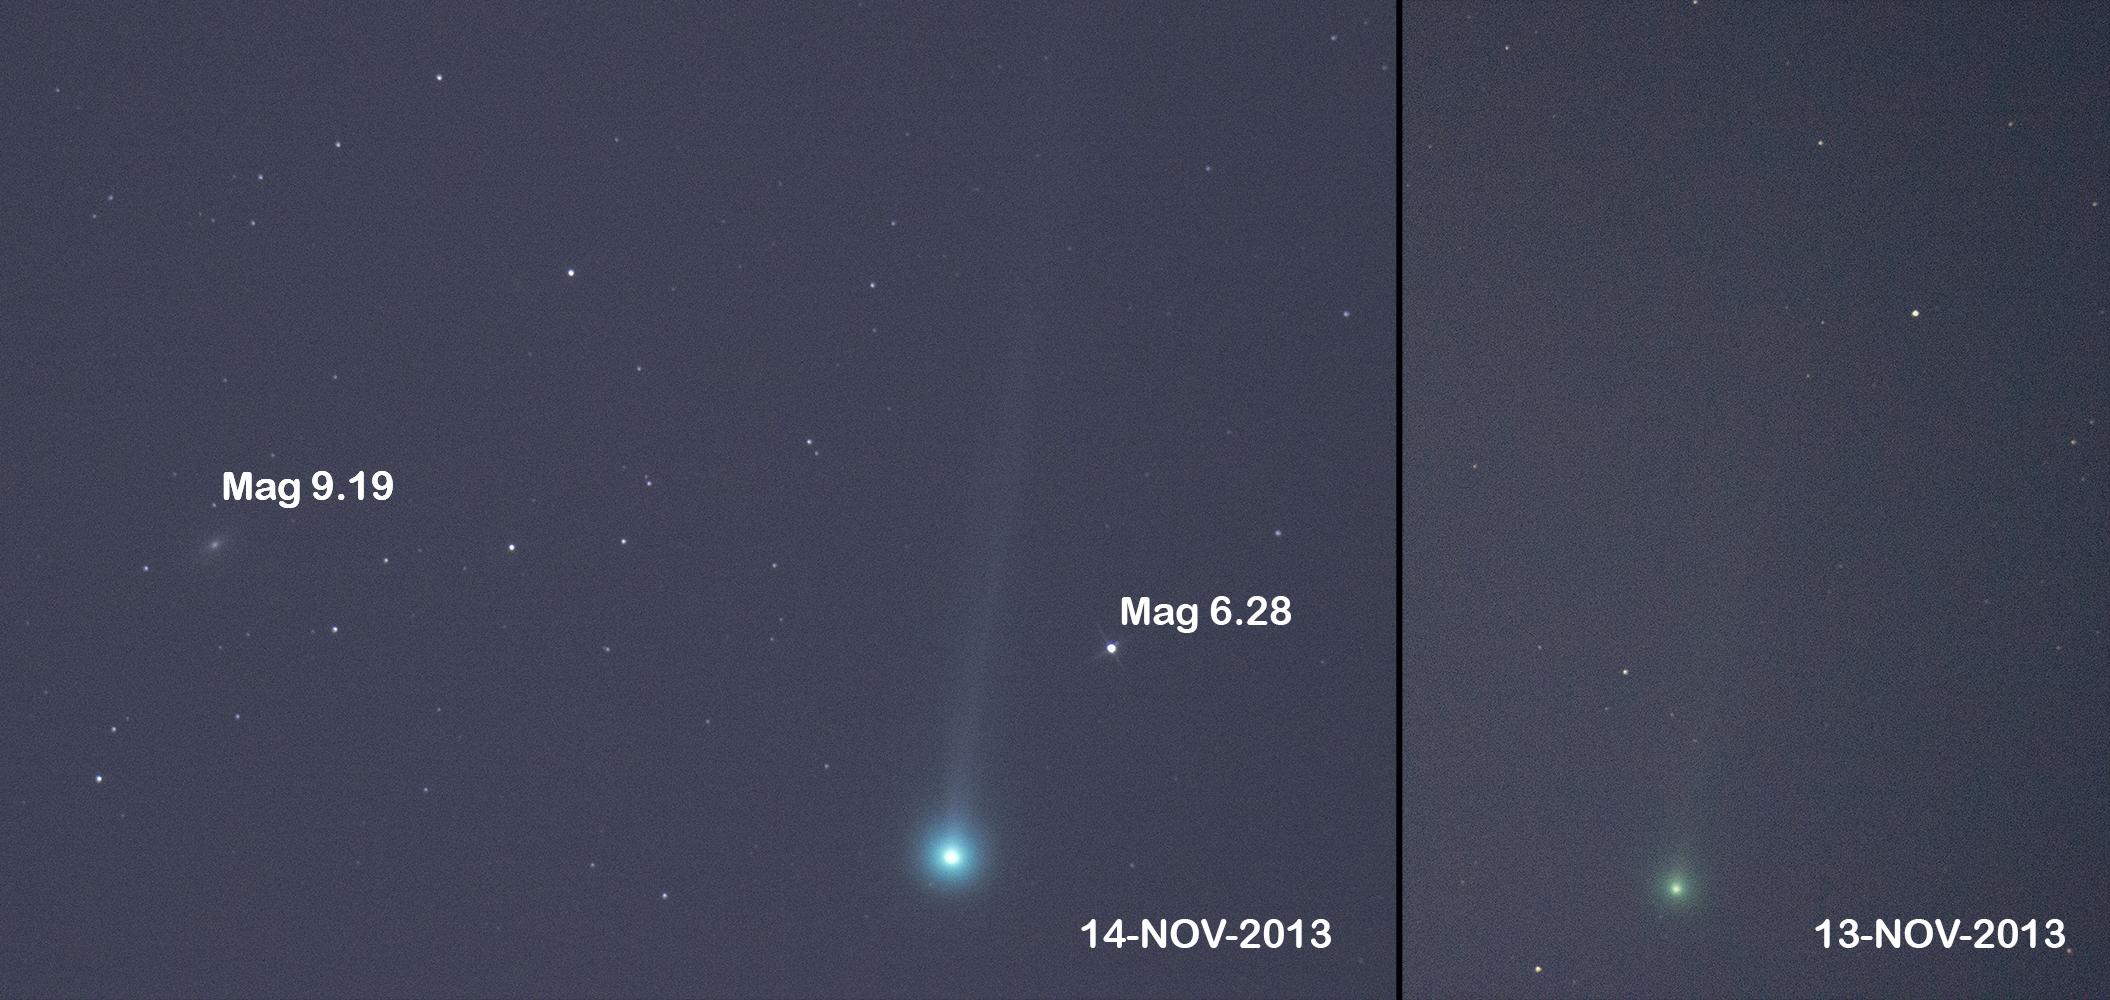 Cometa ISON, improvviso aumento di luminosità: comincia il folle giro intorno al Sole